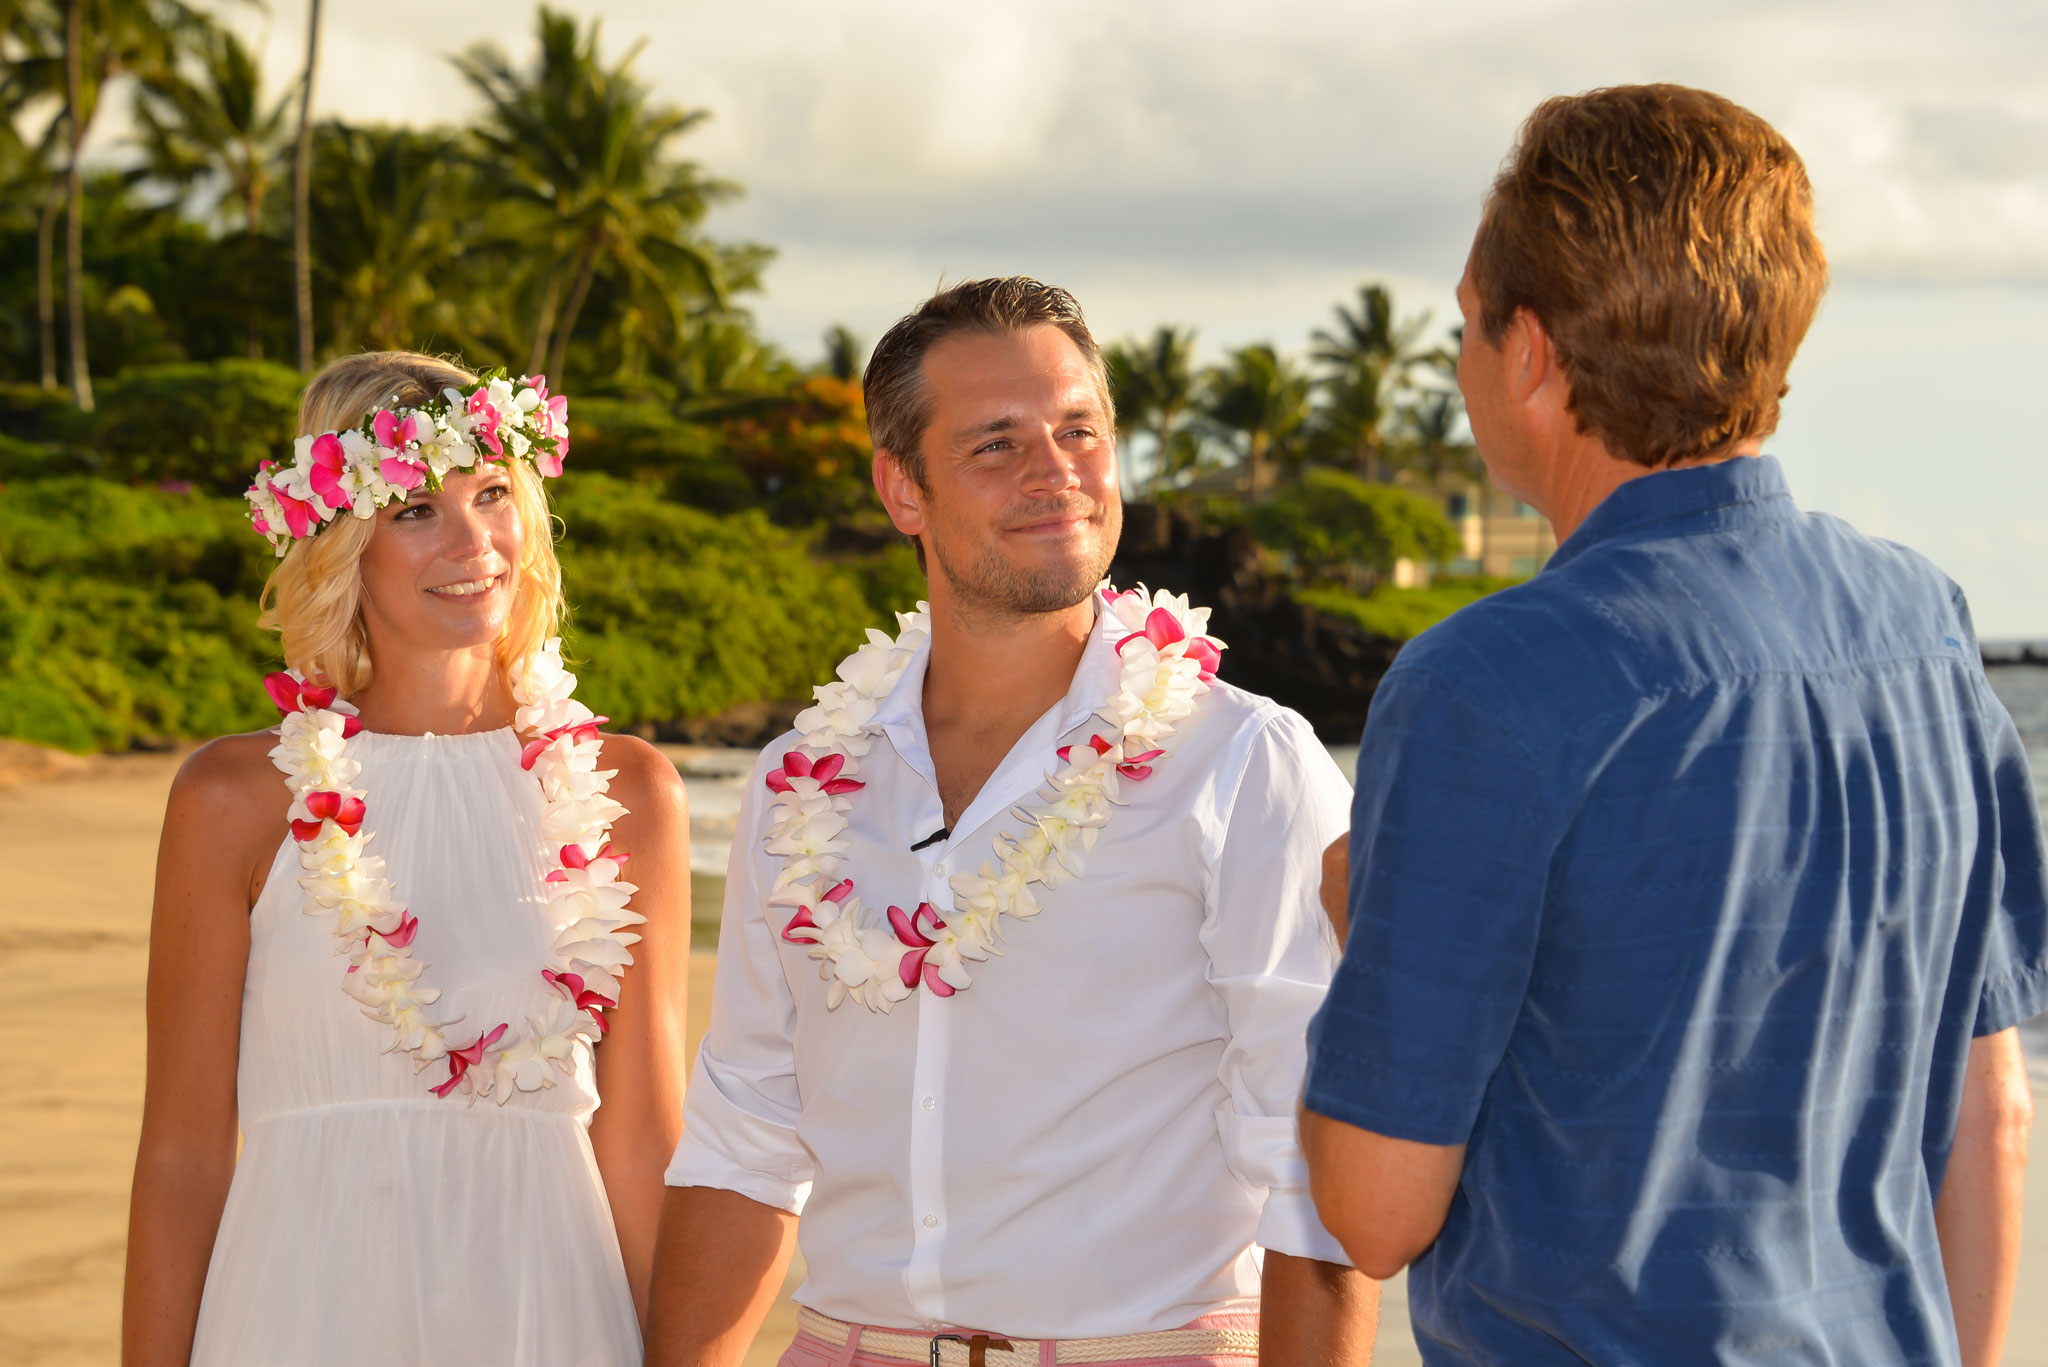 Heiraten Usa Fachbegriffe Dream Weddings International